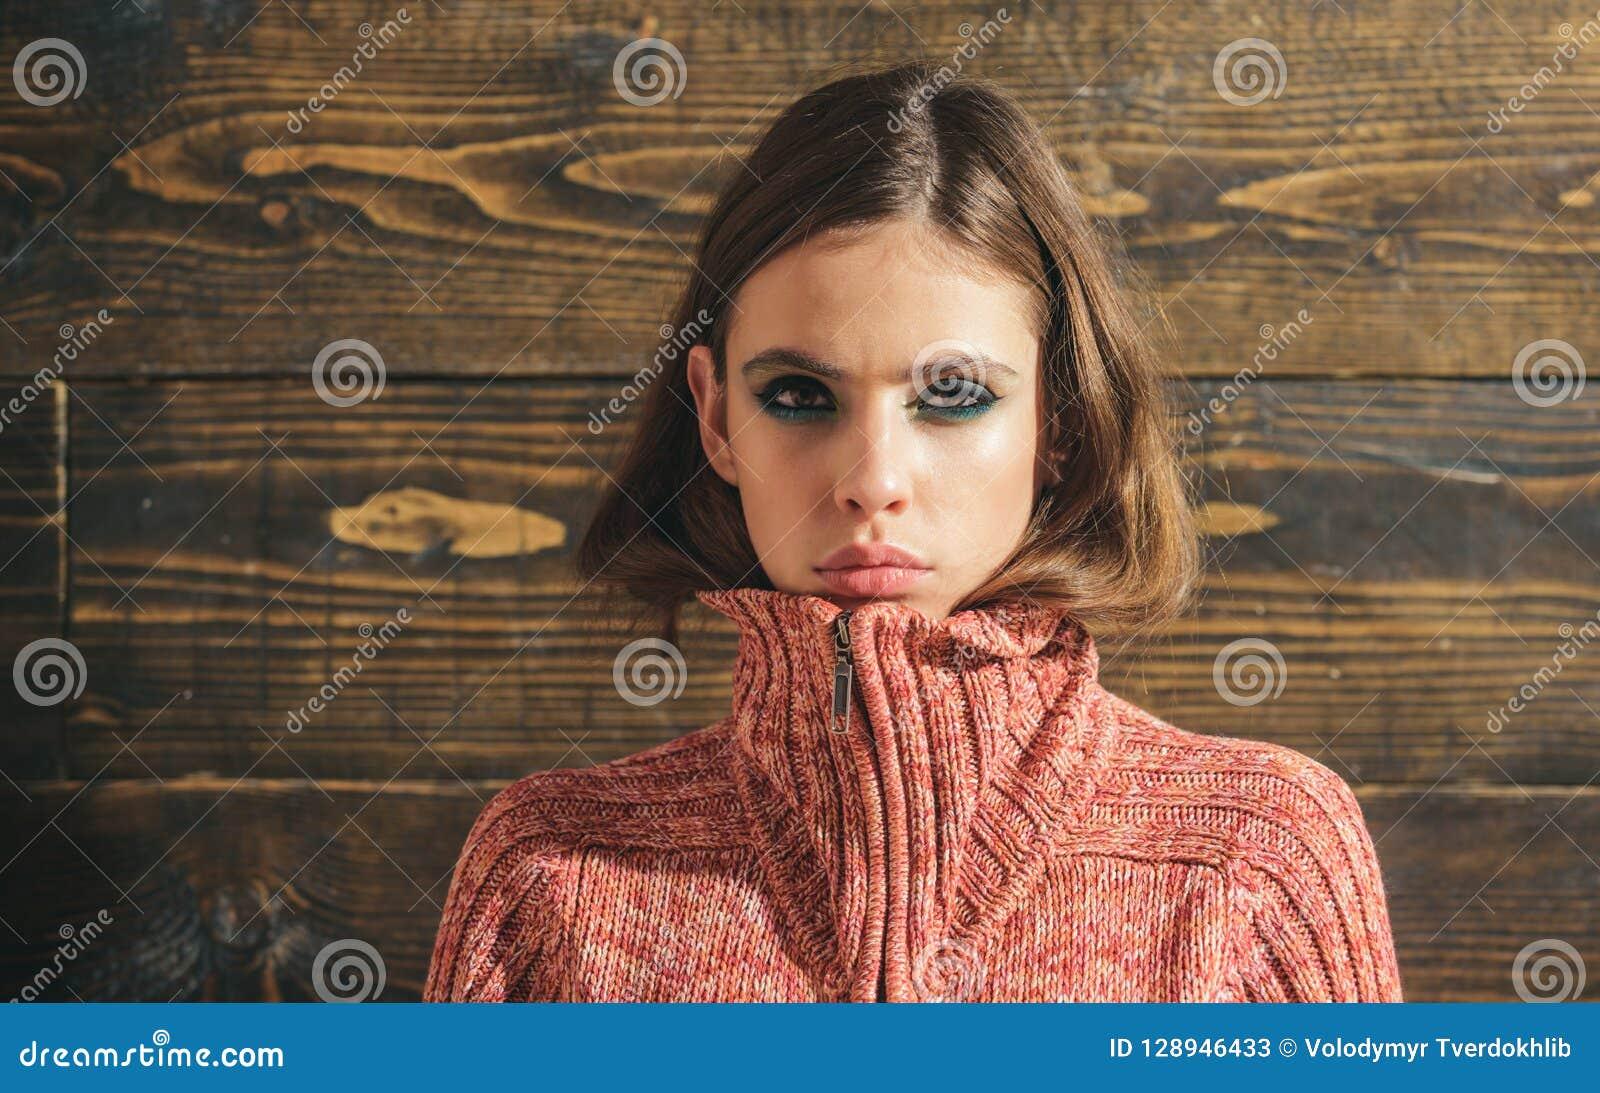 Ομορφιά και μόδα Γυναίκα με τη μόδα makeup Κορίτσι με τη γοητεία Makeup Σαλόνι και κομμωτής ομορφιάς Καλλυντικά Makeup